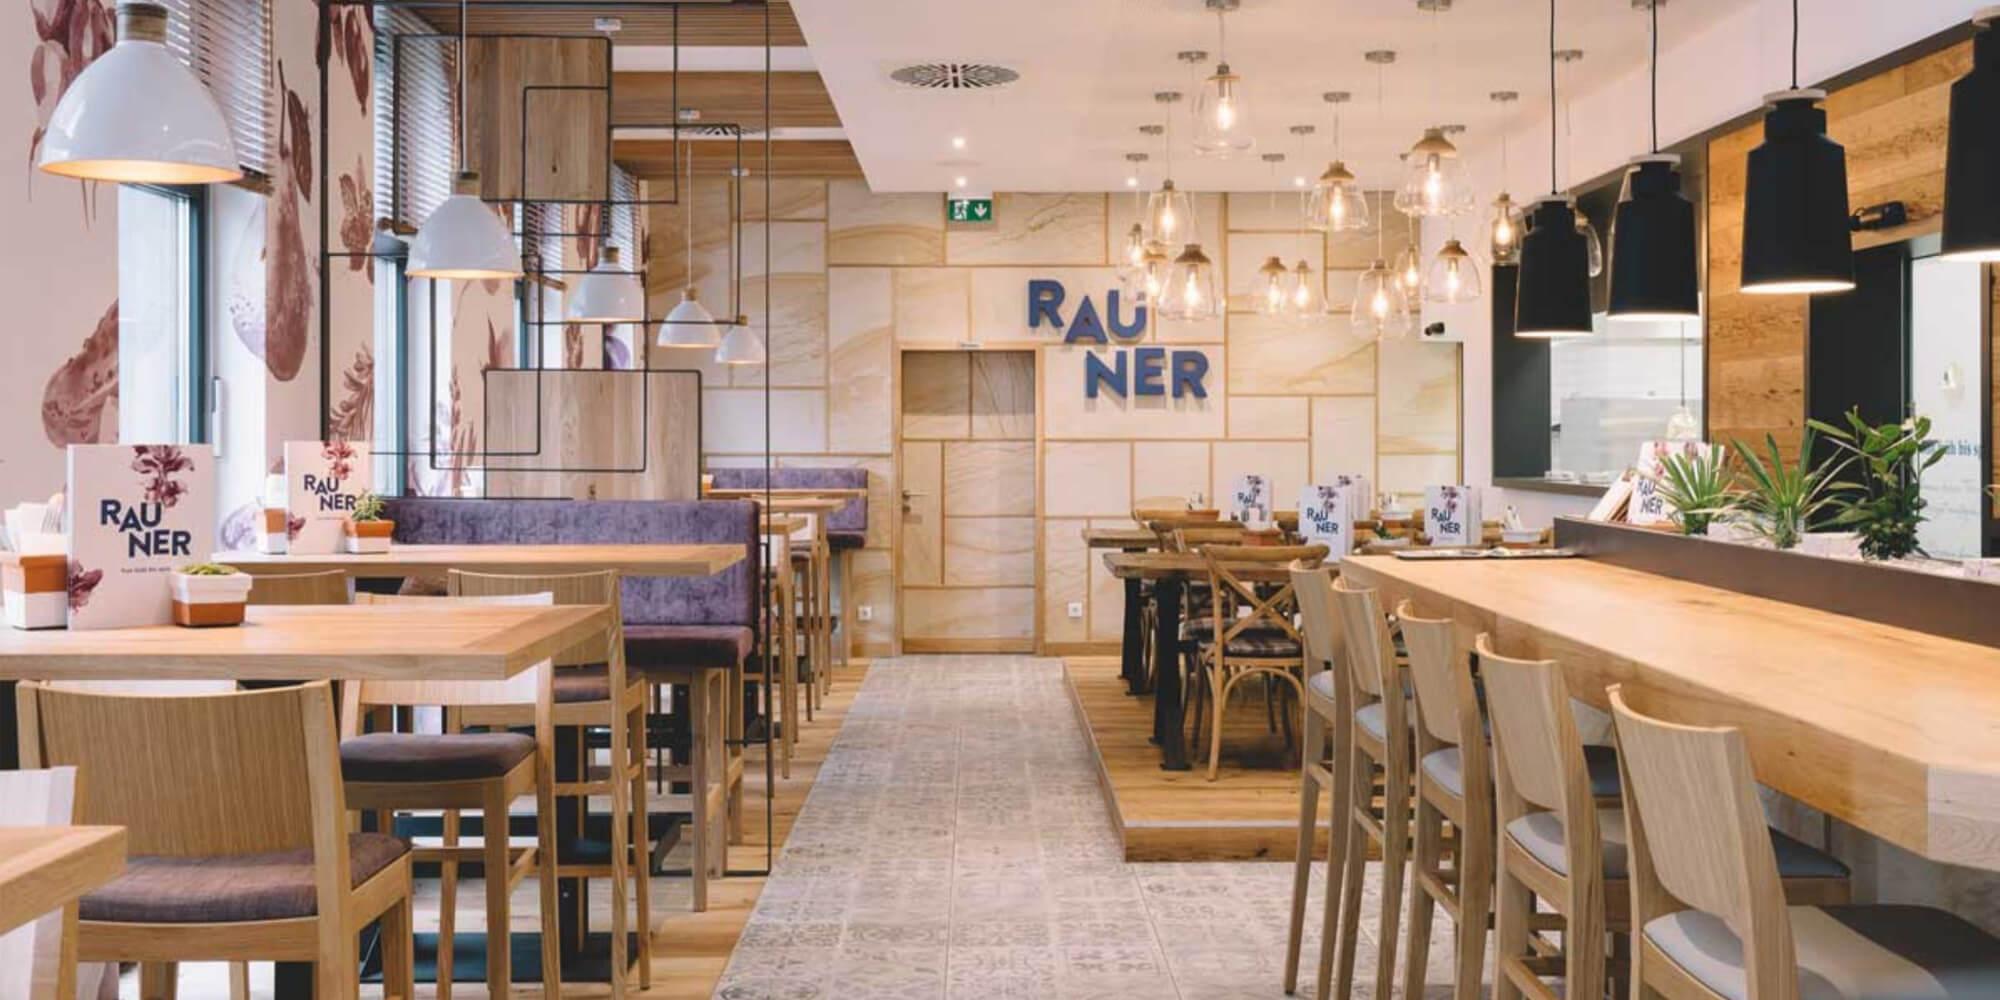 Crea-Plan-Design-Rauch-Frühmann-Architektur-Innenarchitektur-Design-Projekt-Referenz-Hotelerie-Gastronomie-Restaurant-Rauner-3